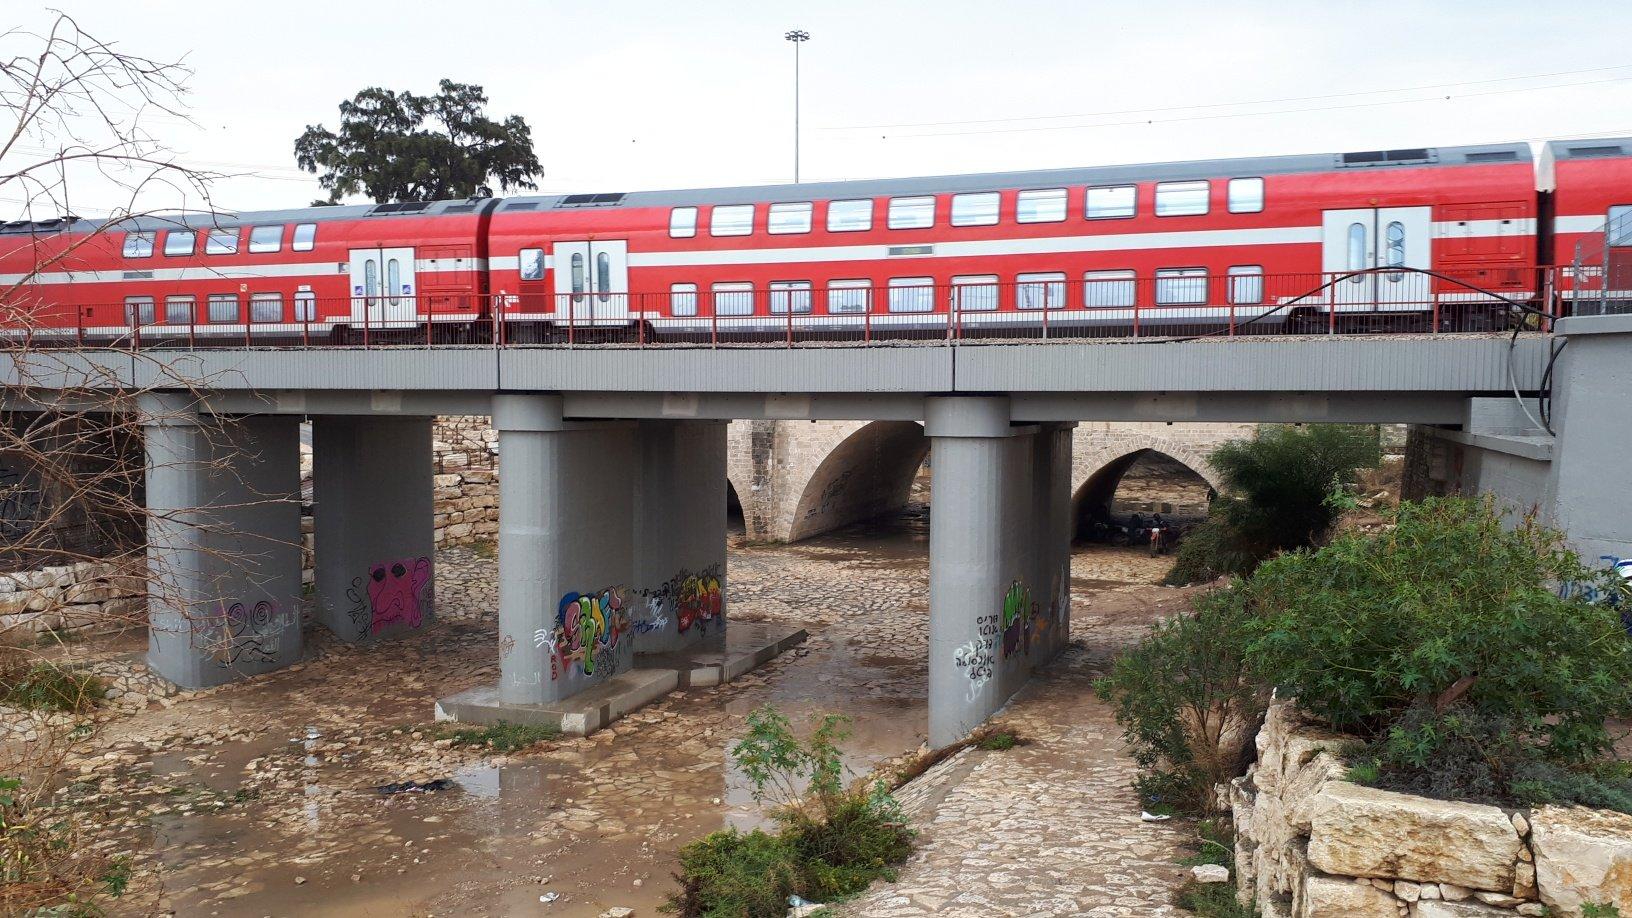 רכבת חולפת על גשר עד הלום הבוקר. צילום: דור גפני